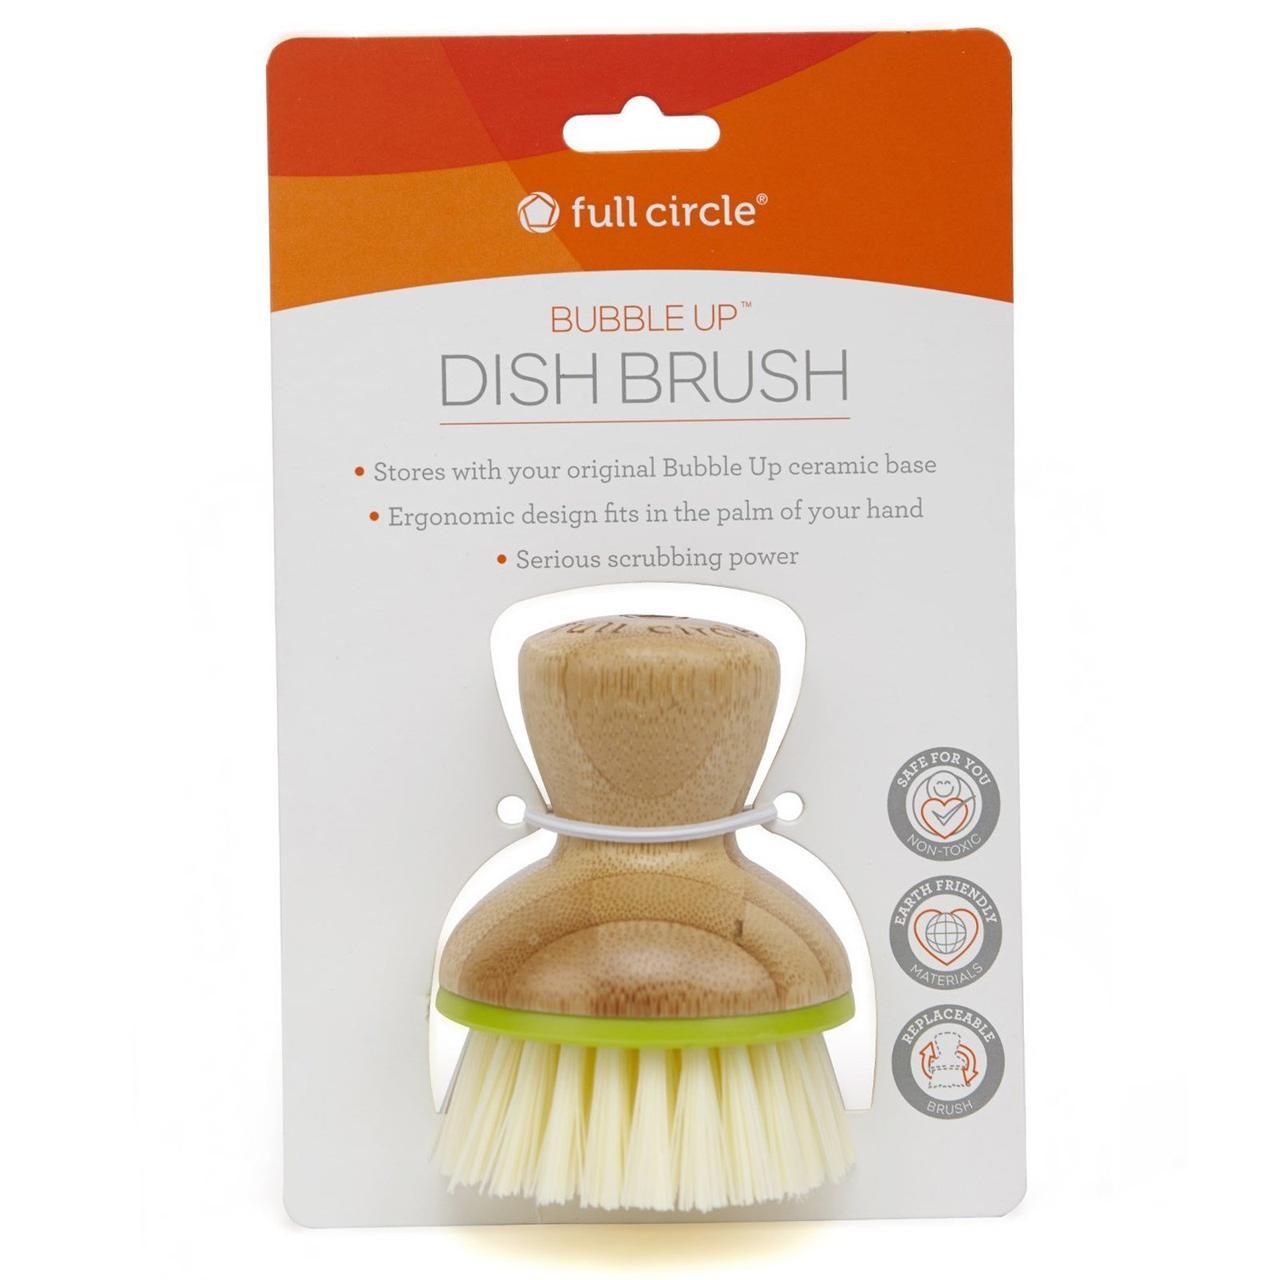 Щітка для миття посуду, Bubble Up Dish Brush, Full Circle Home LLC, 1 шт